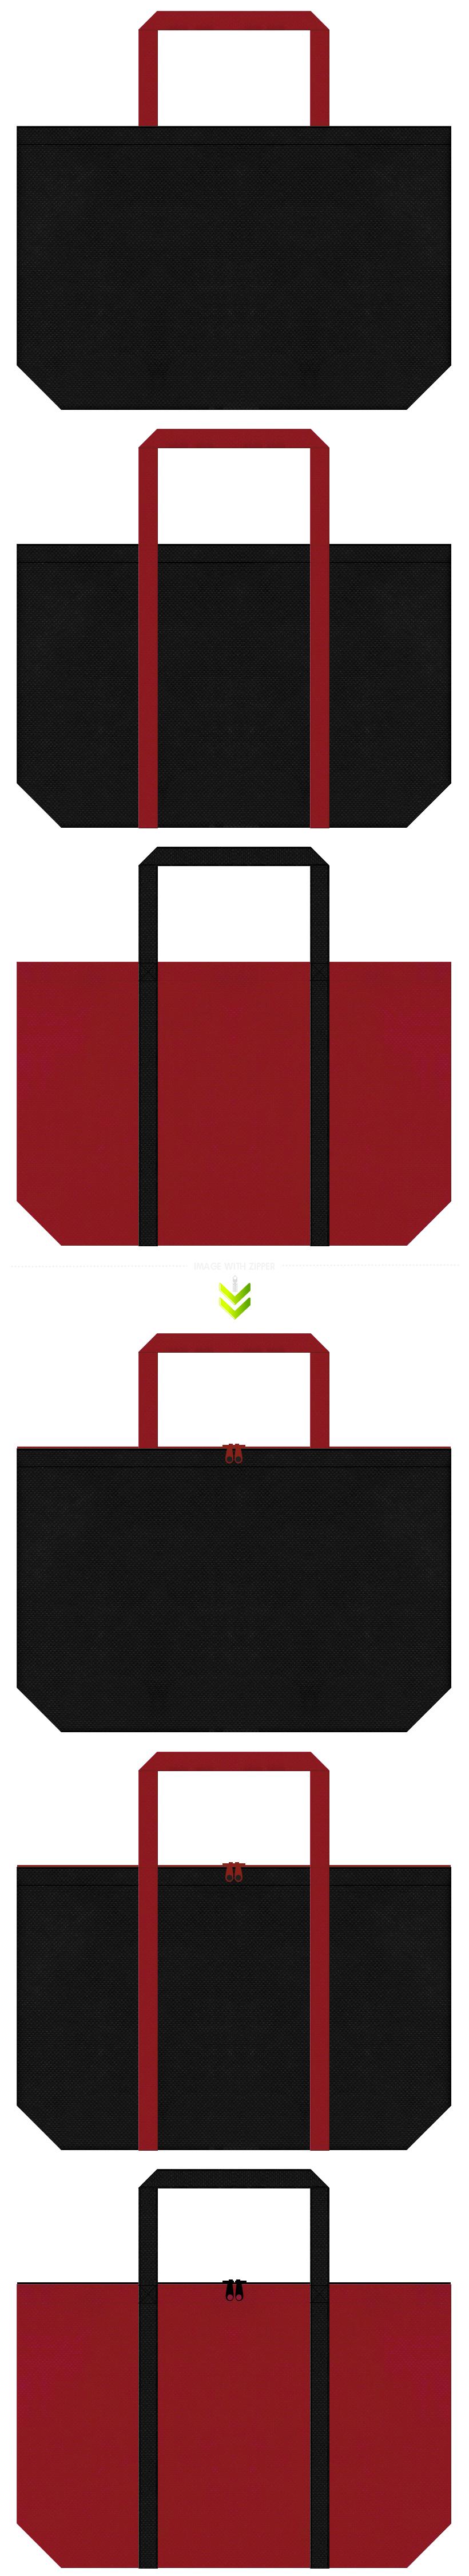 黒色とエンジ色の不織布エコバッグのデザイン。